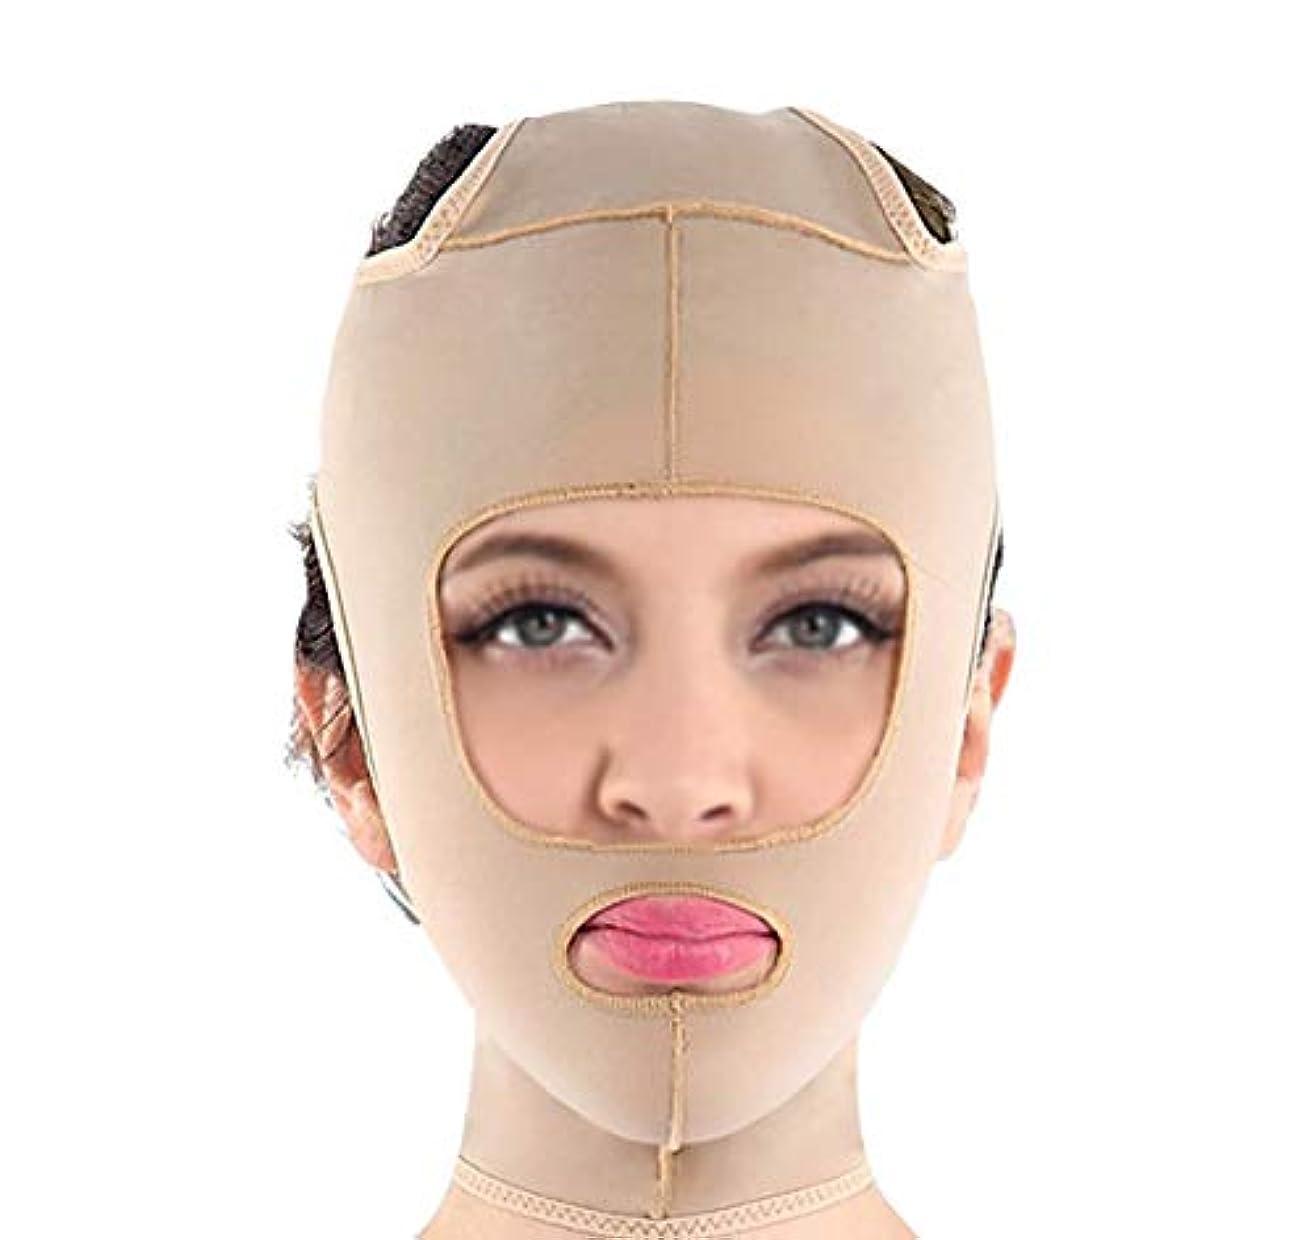 知覚野な草フェイスリフティングマスクで肌をよりしっかりと保ち、V字型の顔を形作り、超薄型の通気性、調節可能で快適な着用感(サイズ:Xl),M